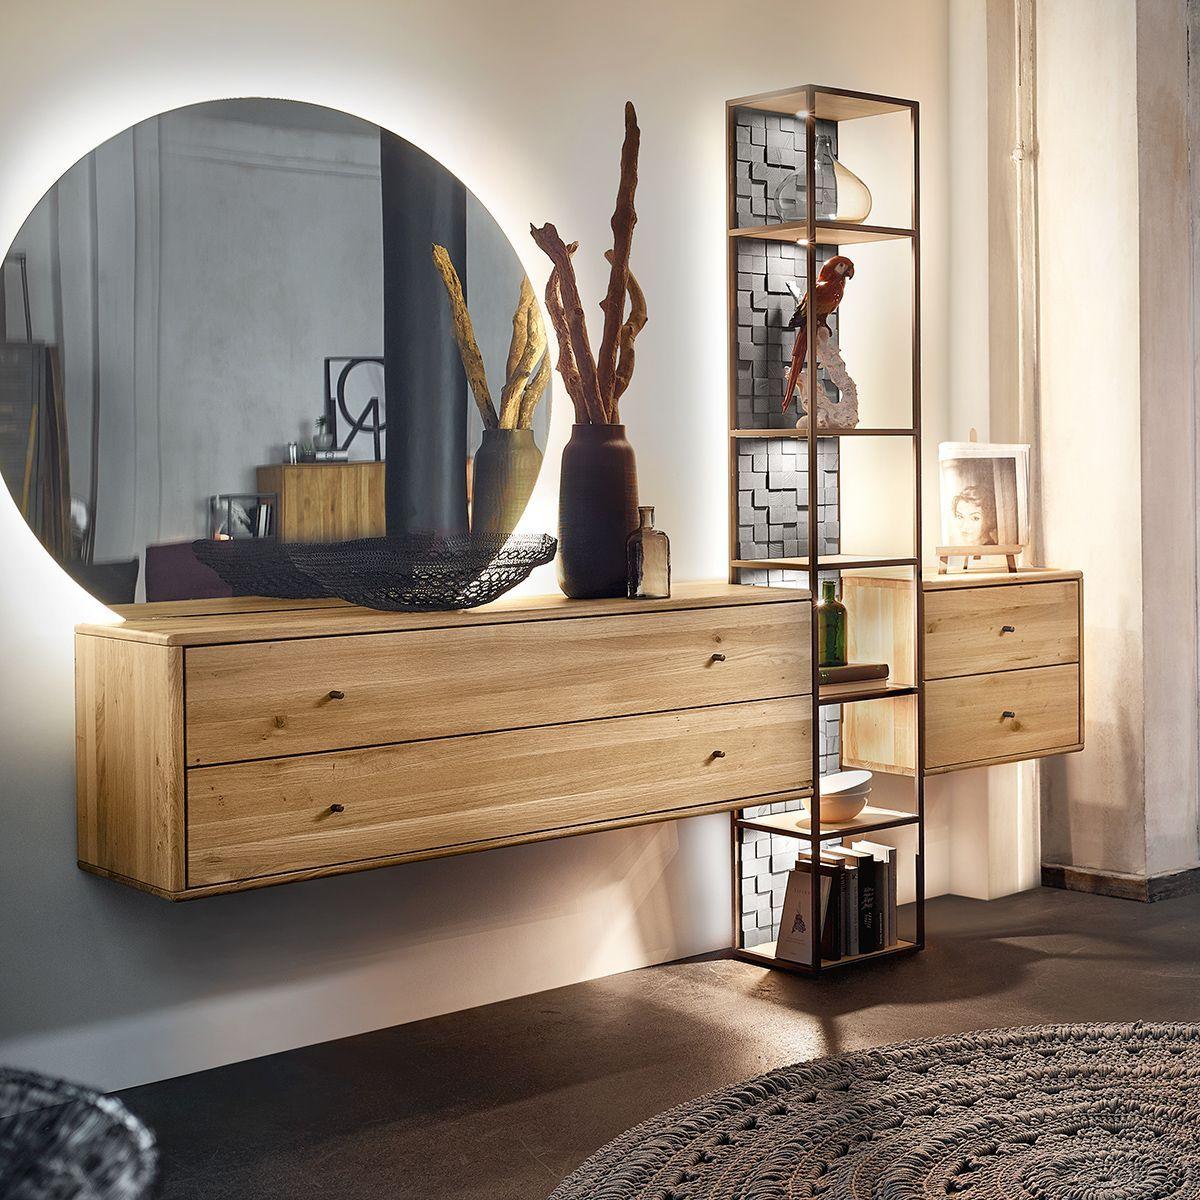 Eine gelungene Kombination aus Massivholz, Metall, Glas und einem